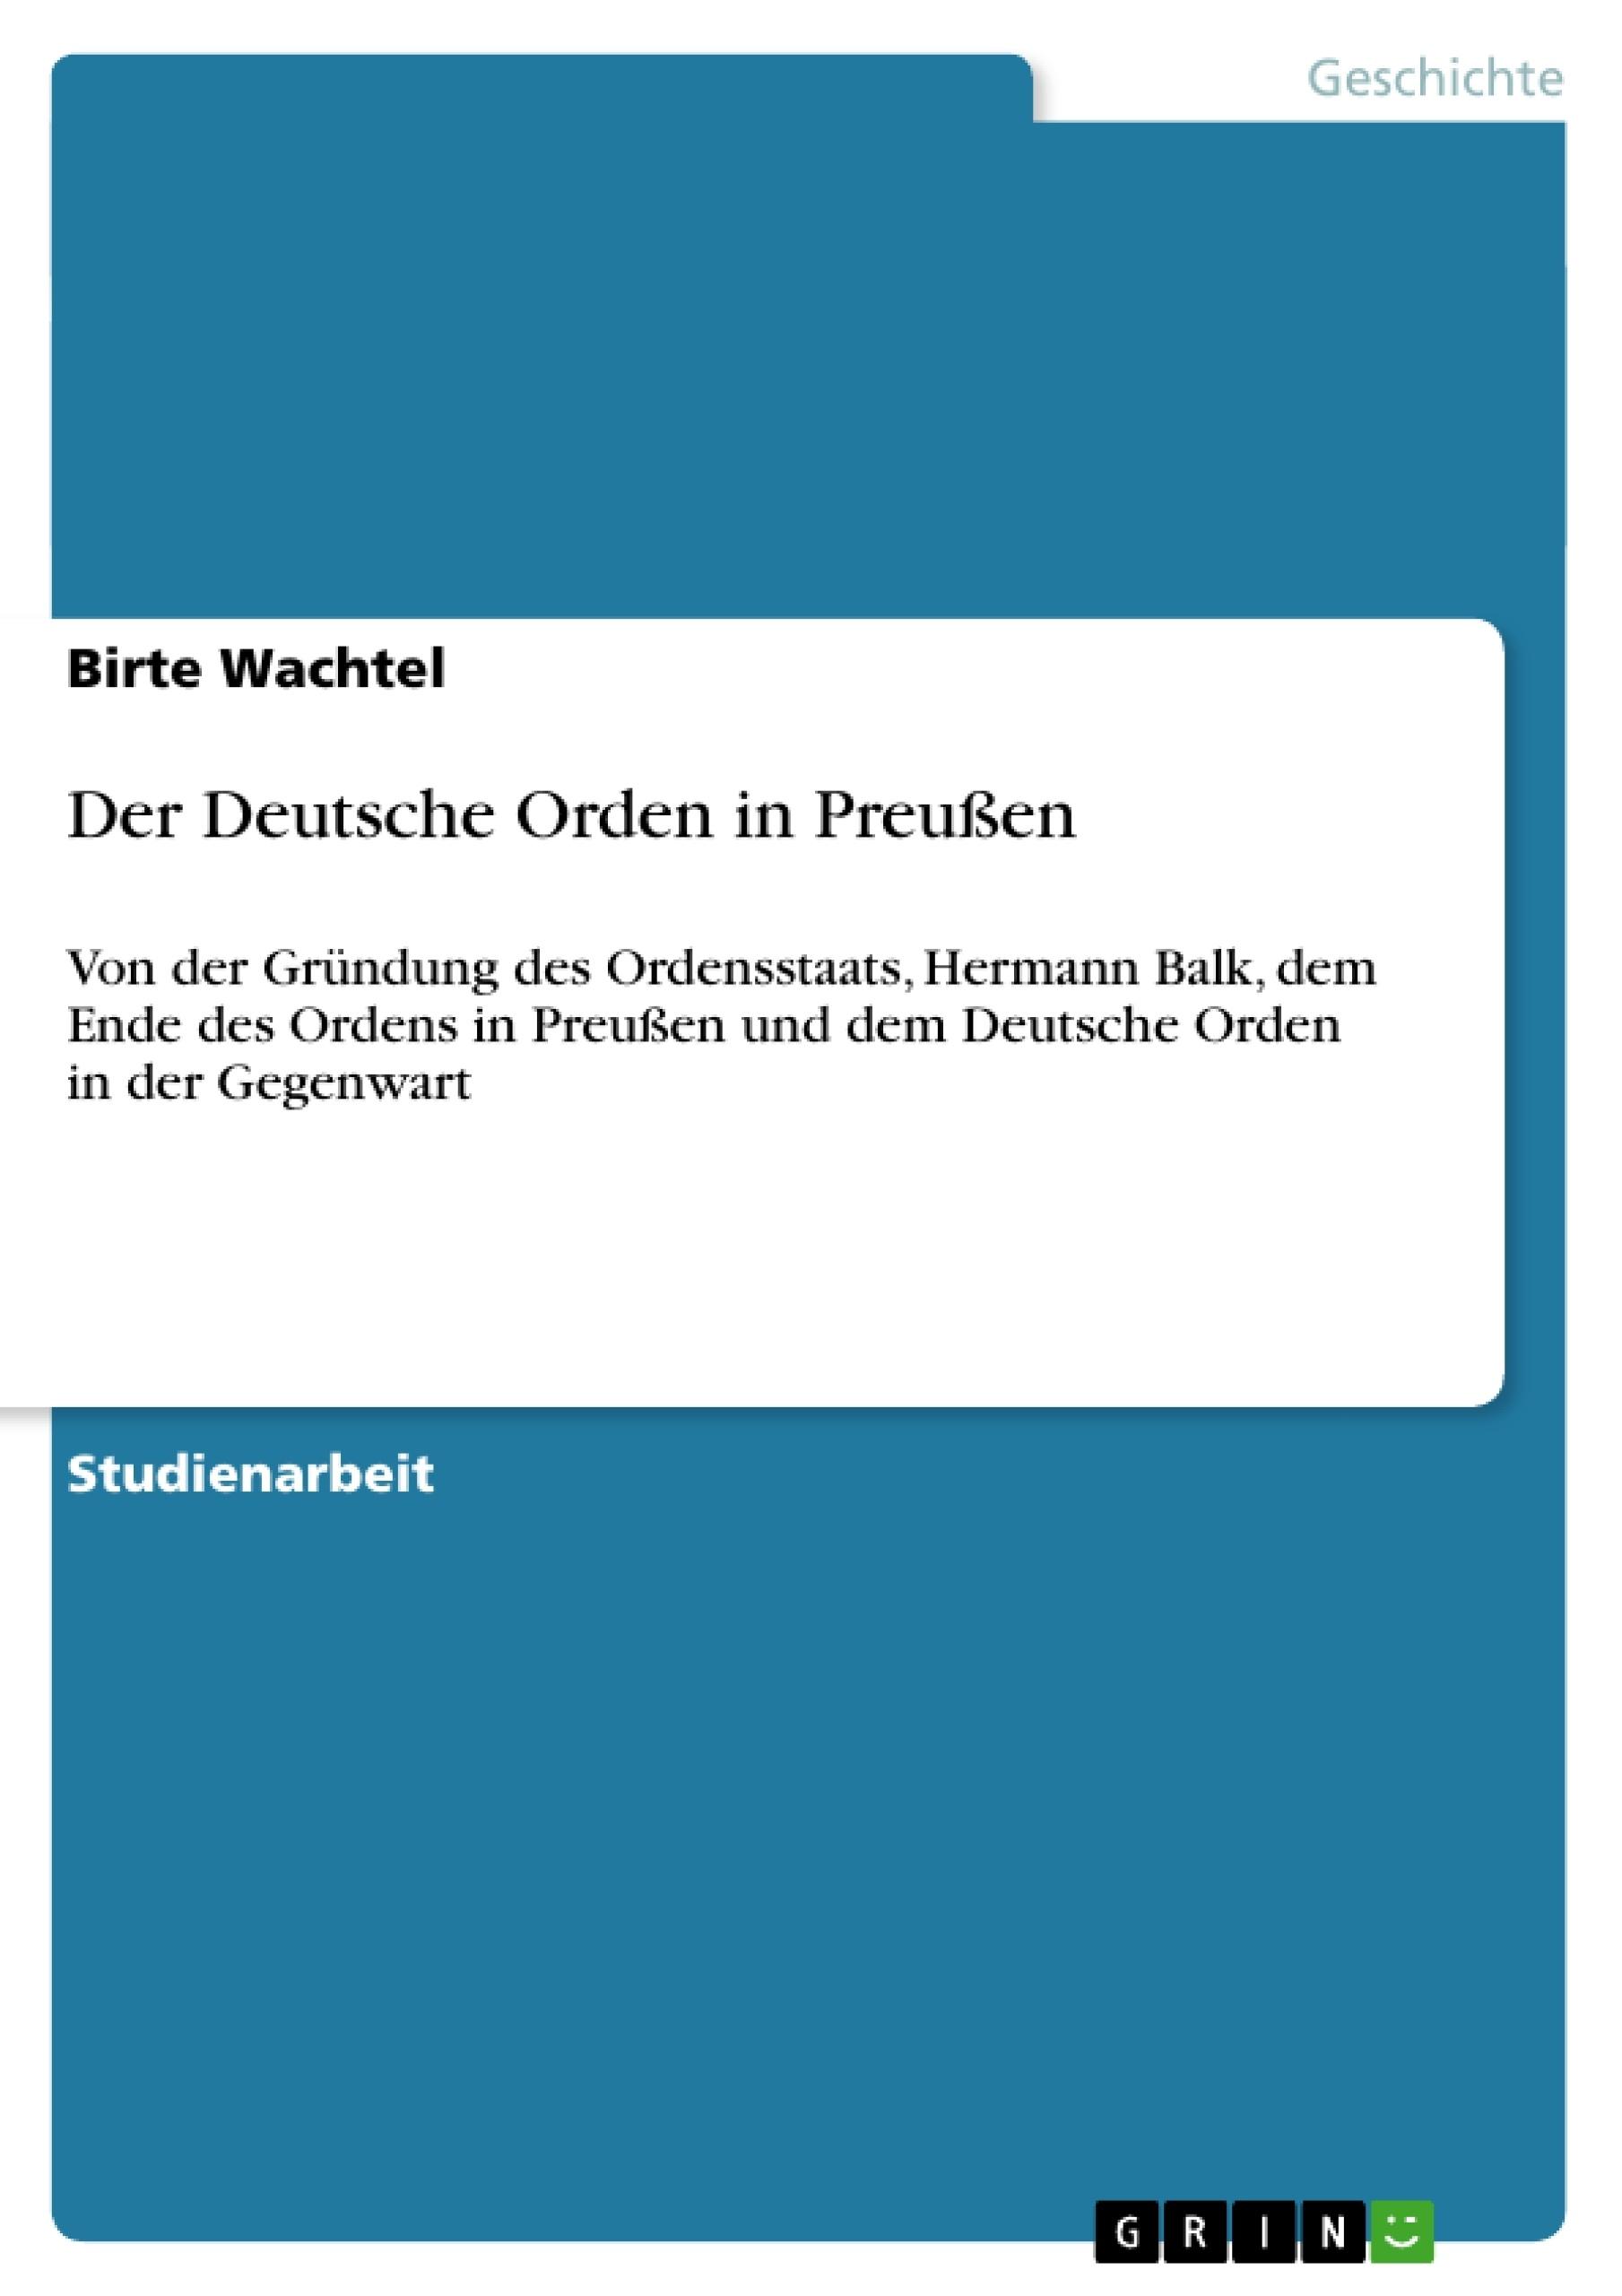 Titel: Der Deutsche Orden in Preußen